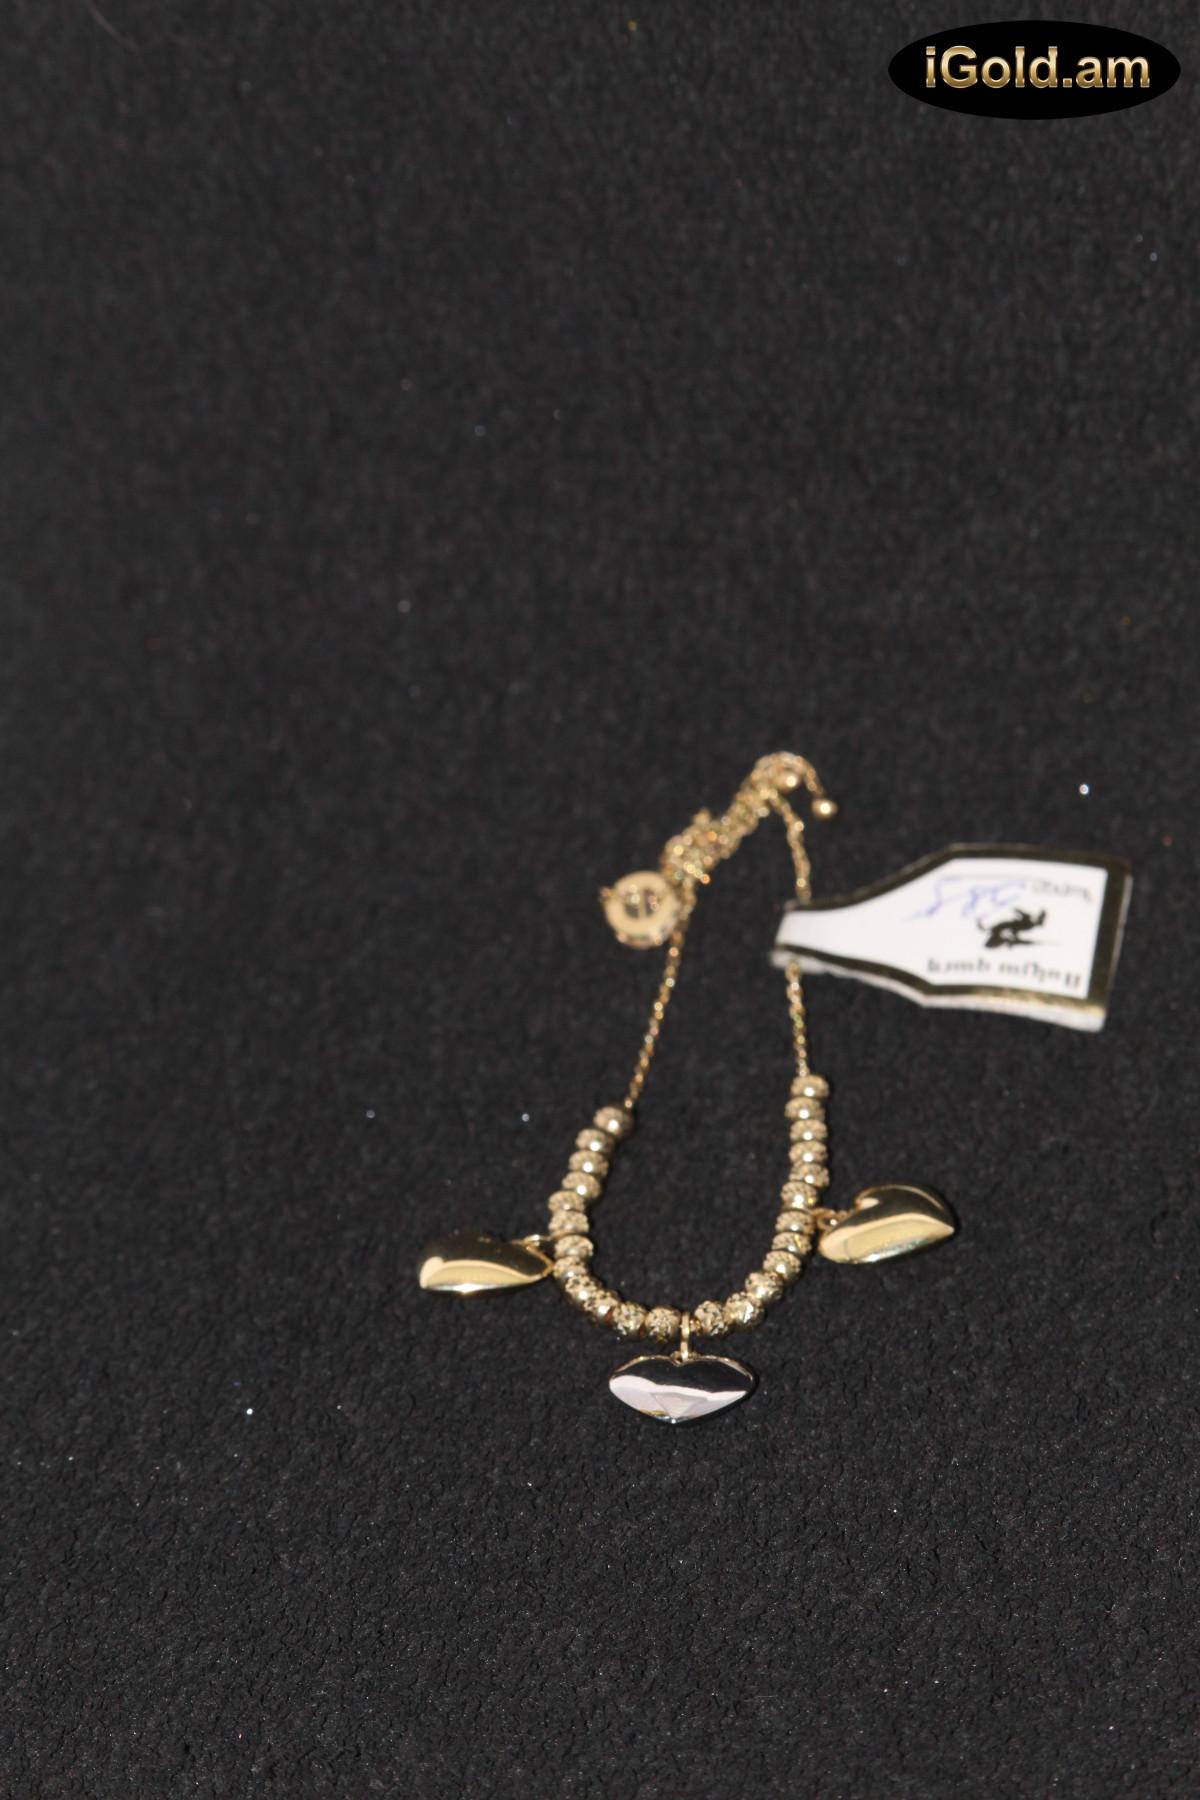 Ոսկյա կանացի թևնոց - 4.1 գր - կոդ 150-124 voskya kanaci tevnoc - 4.1 gr